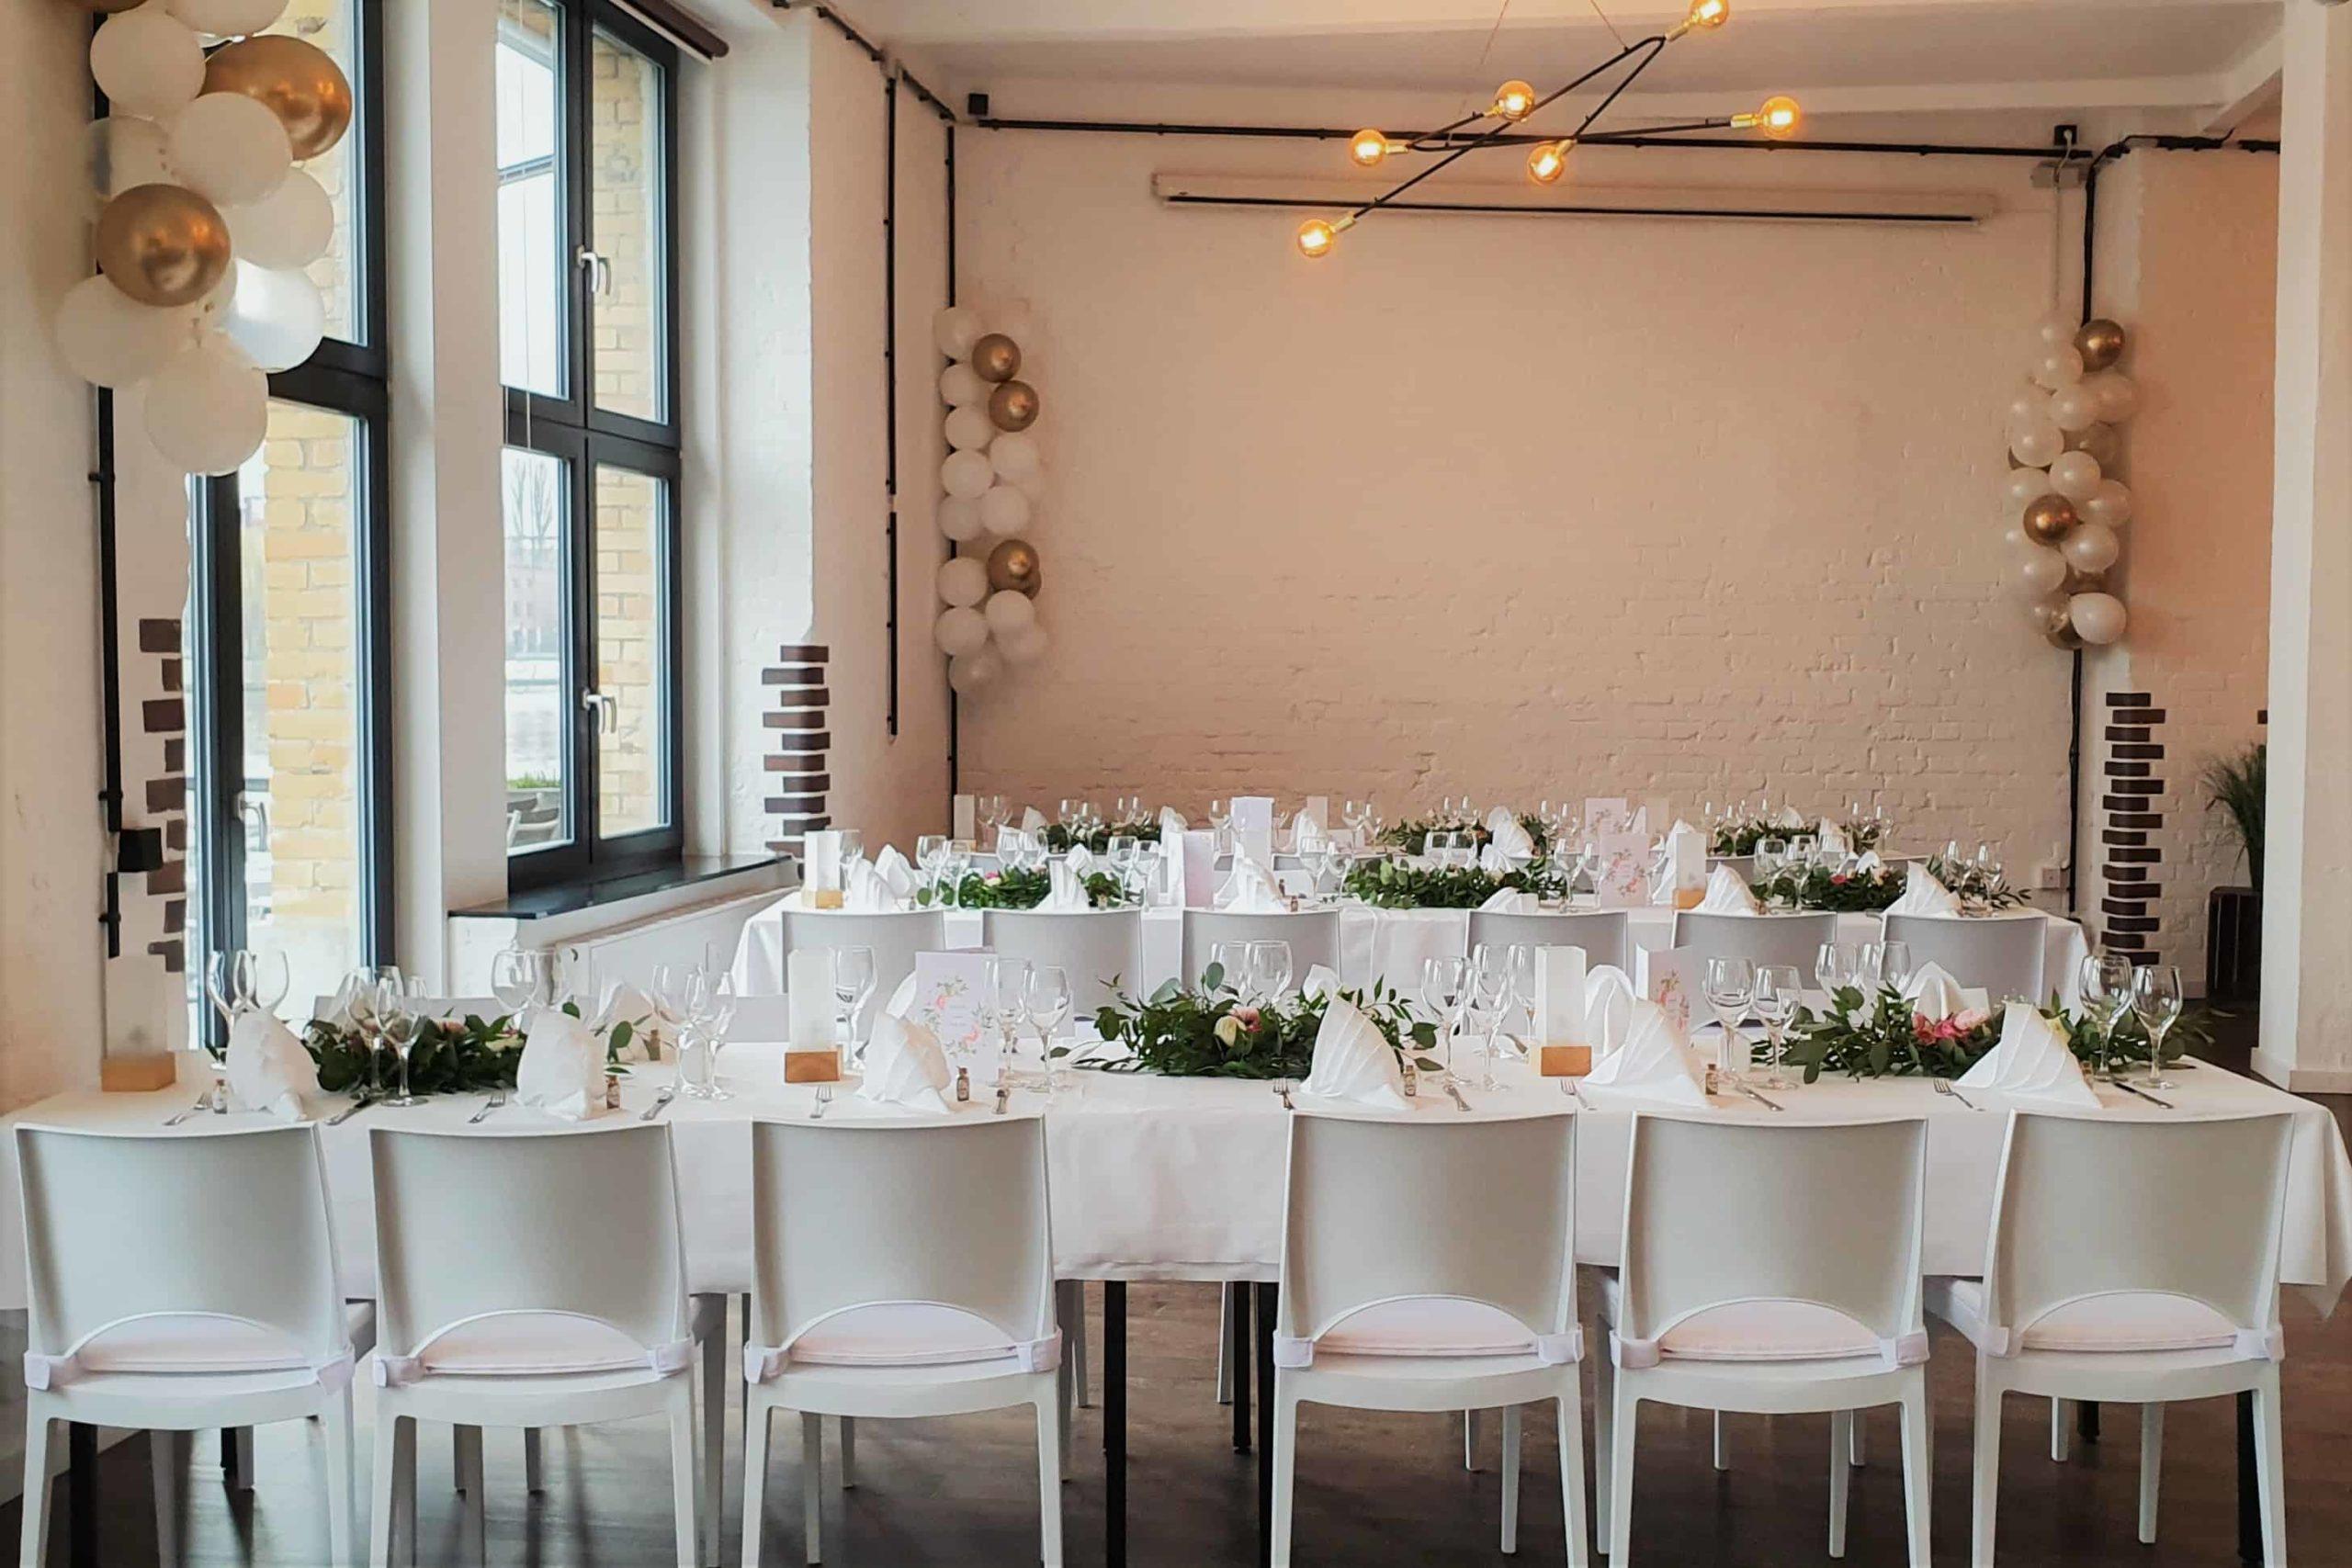 <div><strong>ALVA Lounge</strong><br>20-60 Personen<br><br>800 € Raummiete<br><span class='text-sm'>zzgl. Nebenkosten</span></div>